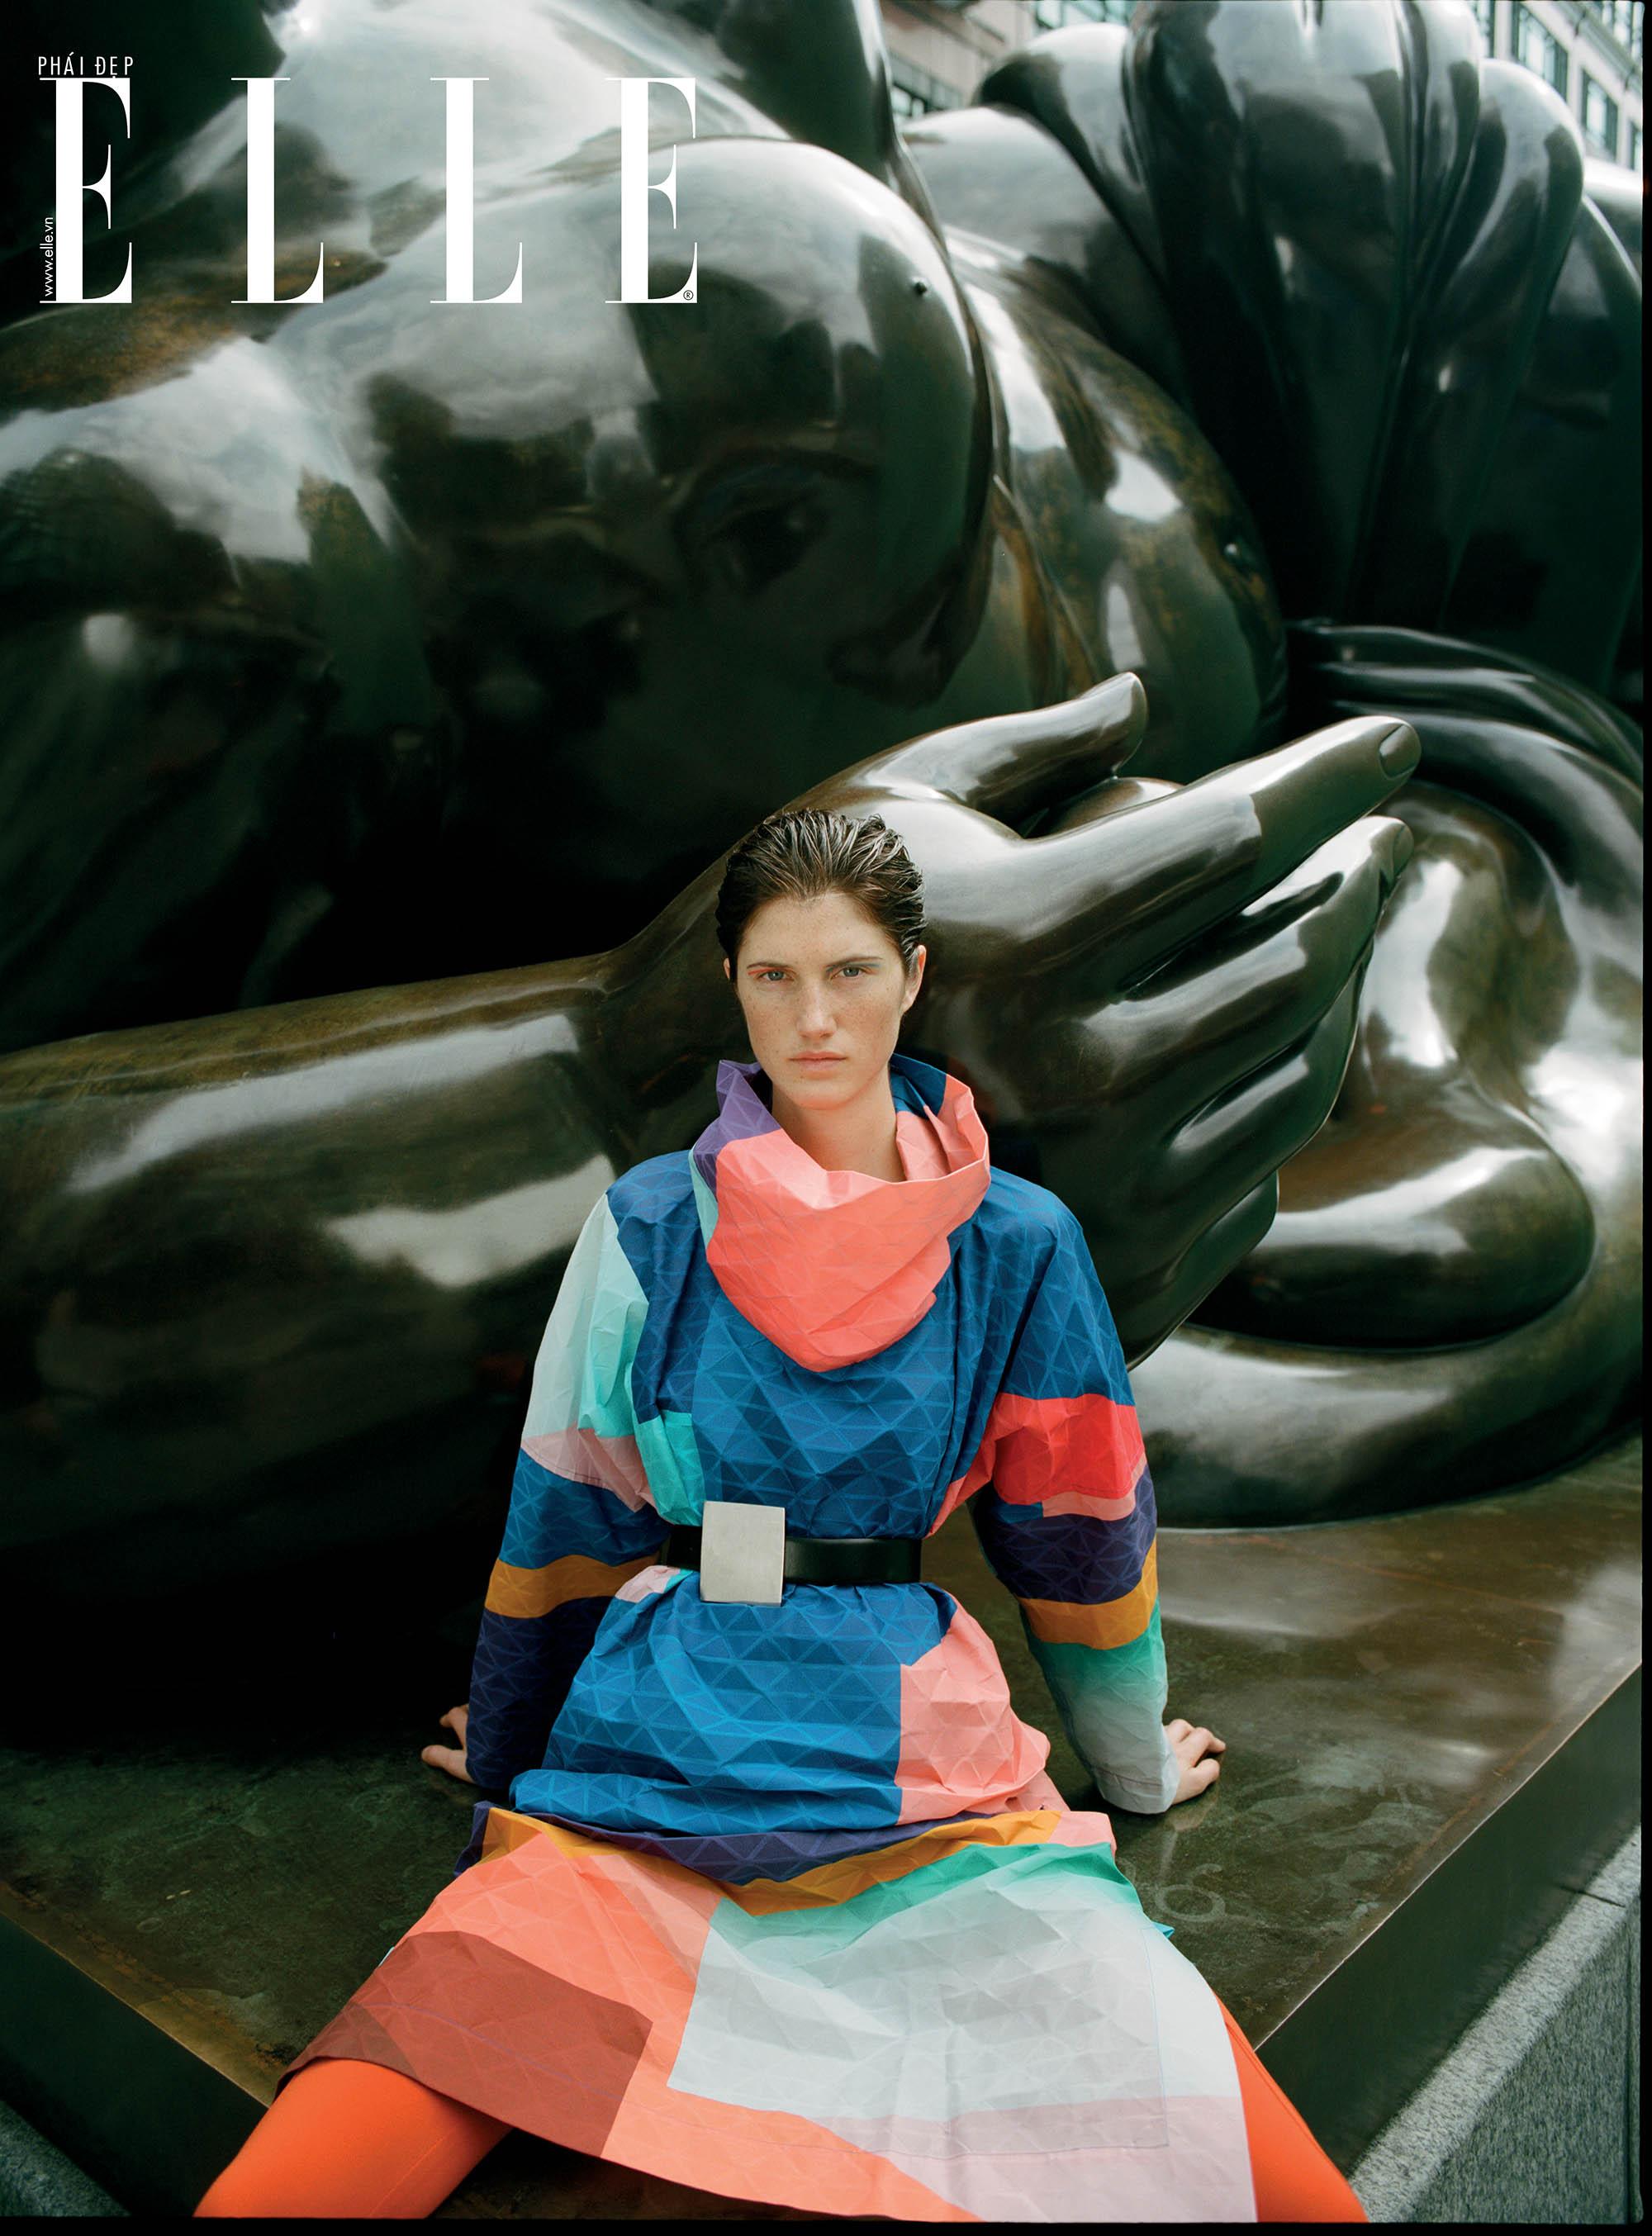 bộ ảnh người mẫu mặc trang phục đa sắc màu